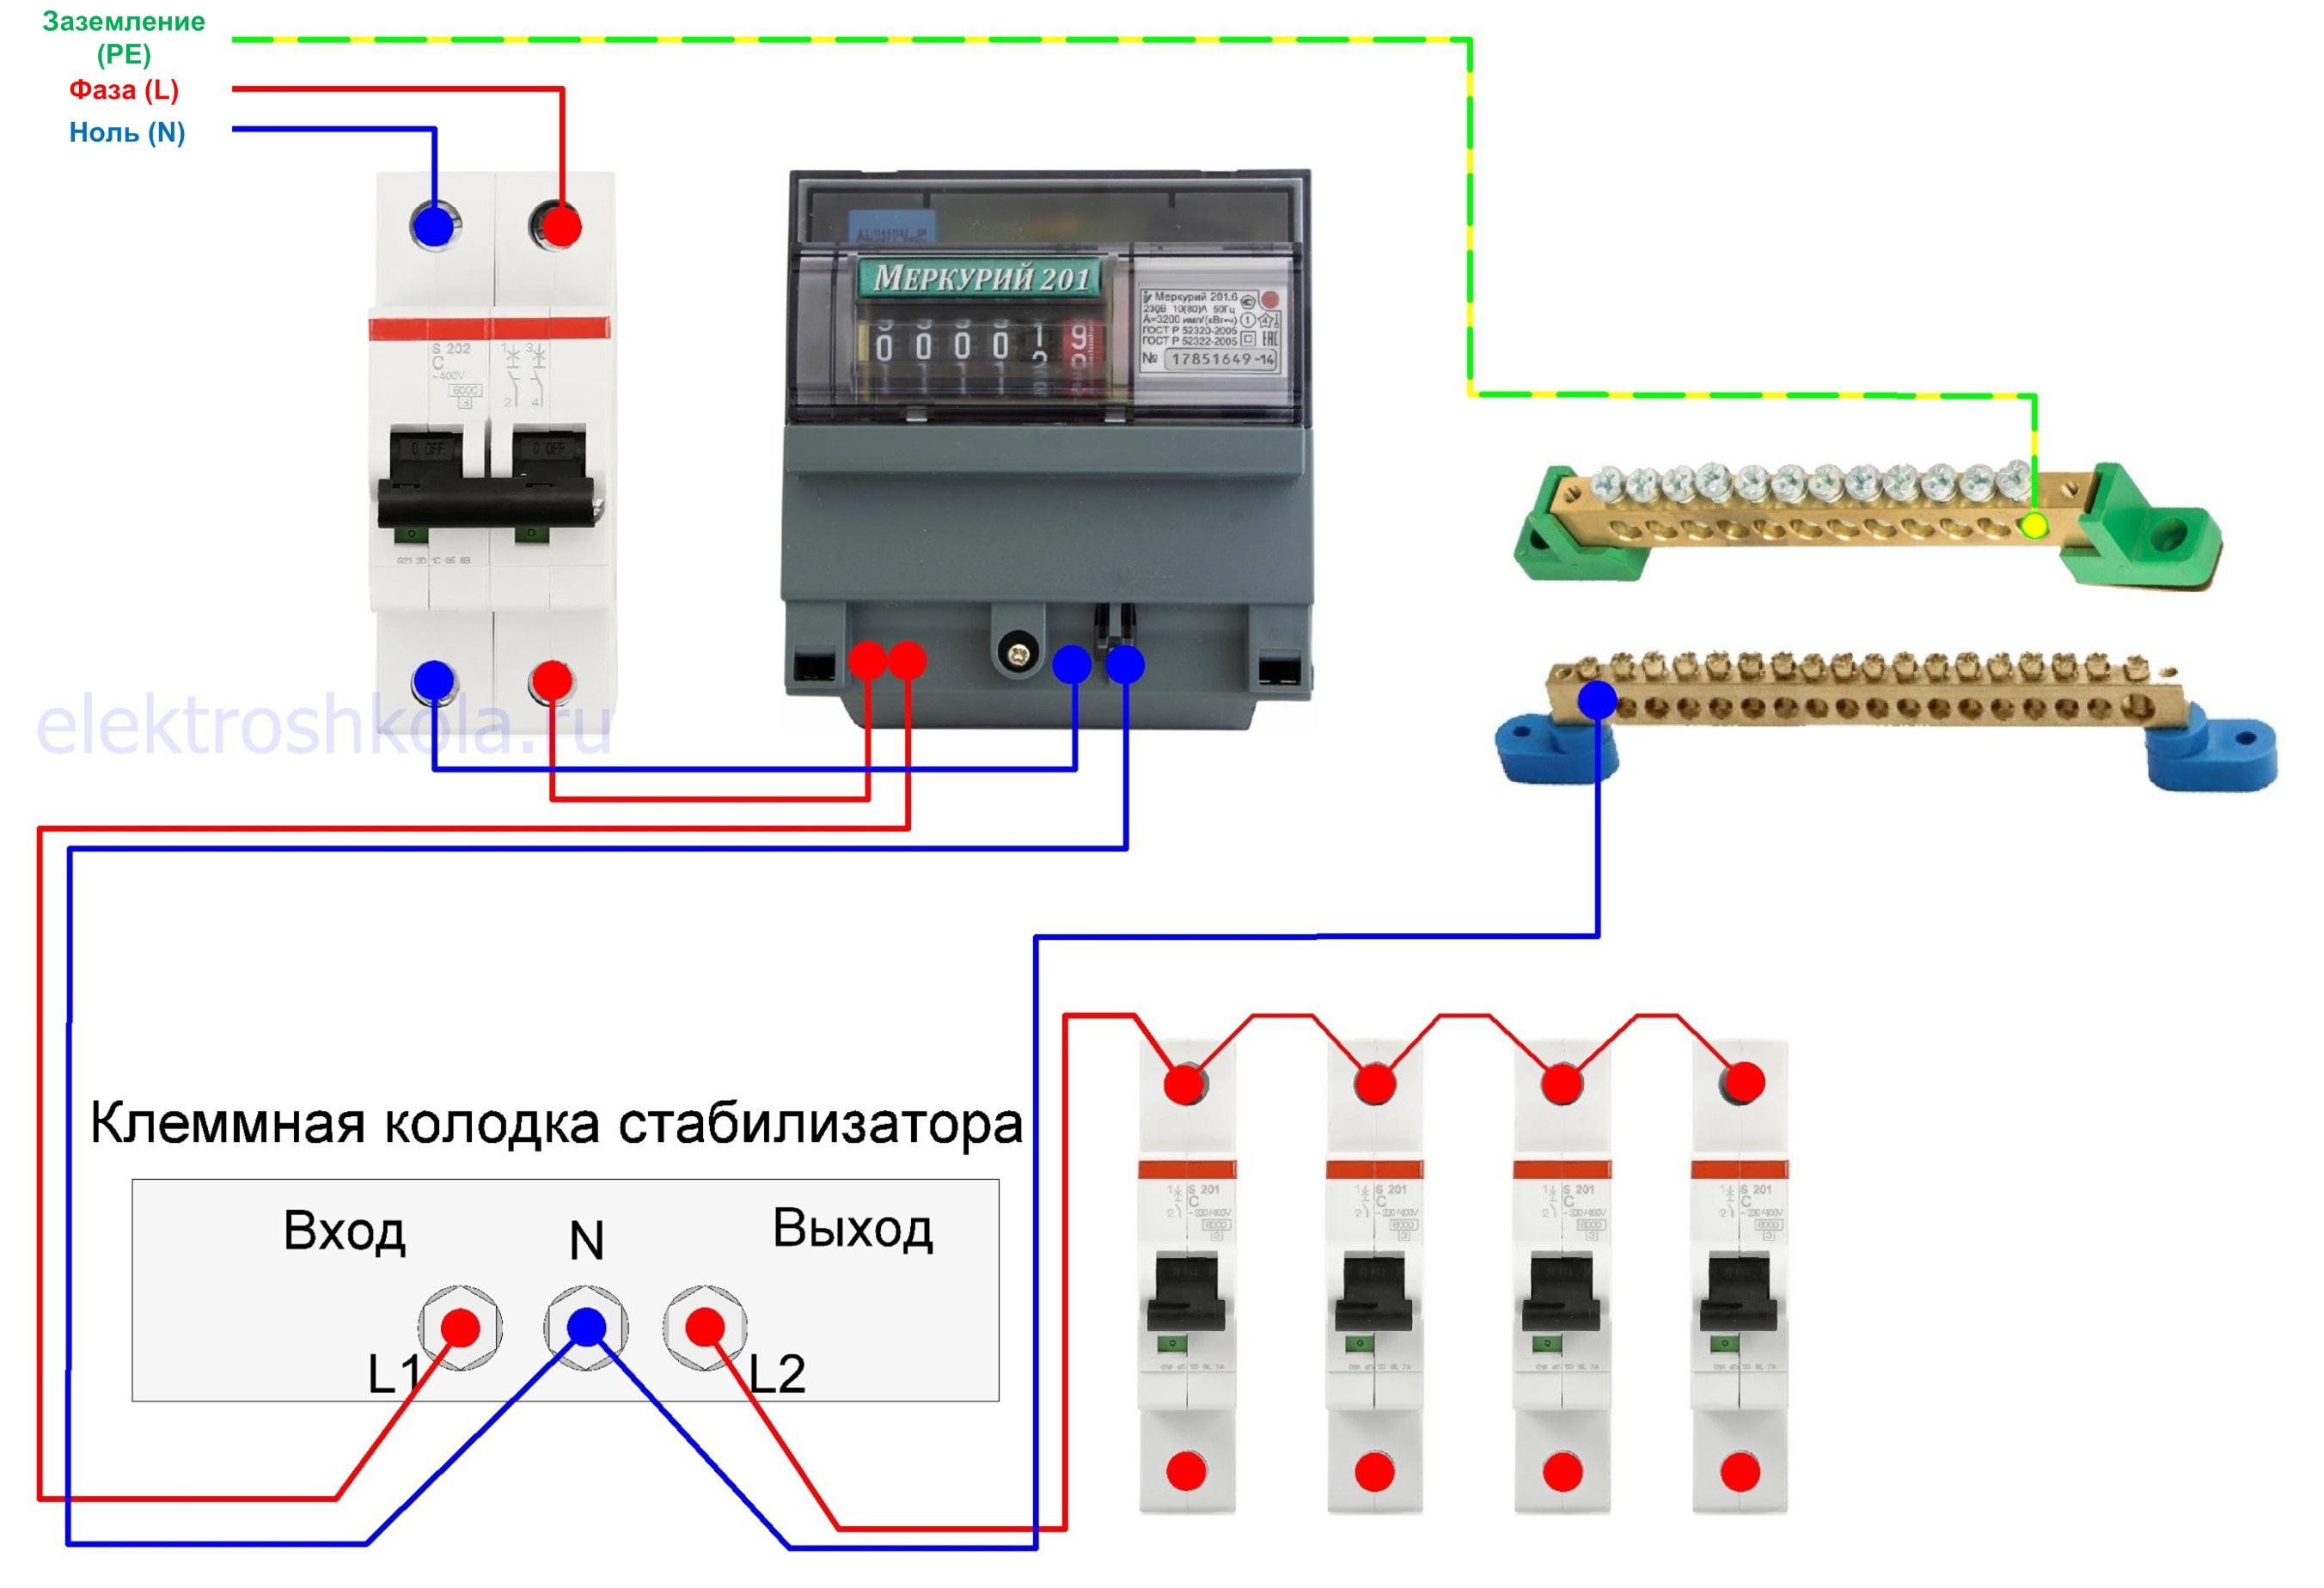 схема подключения однофазного стабилизатора в водном электрощите